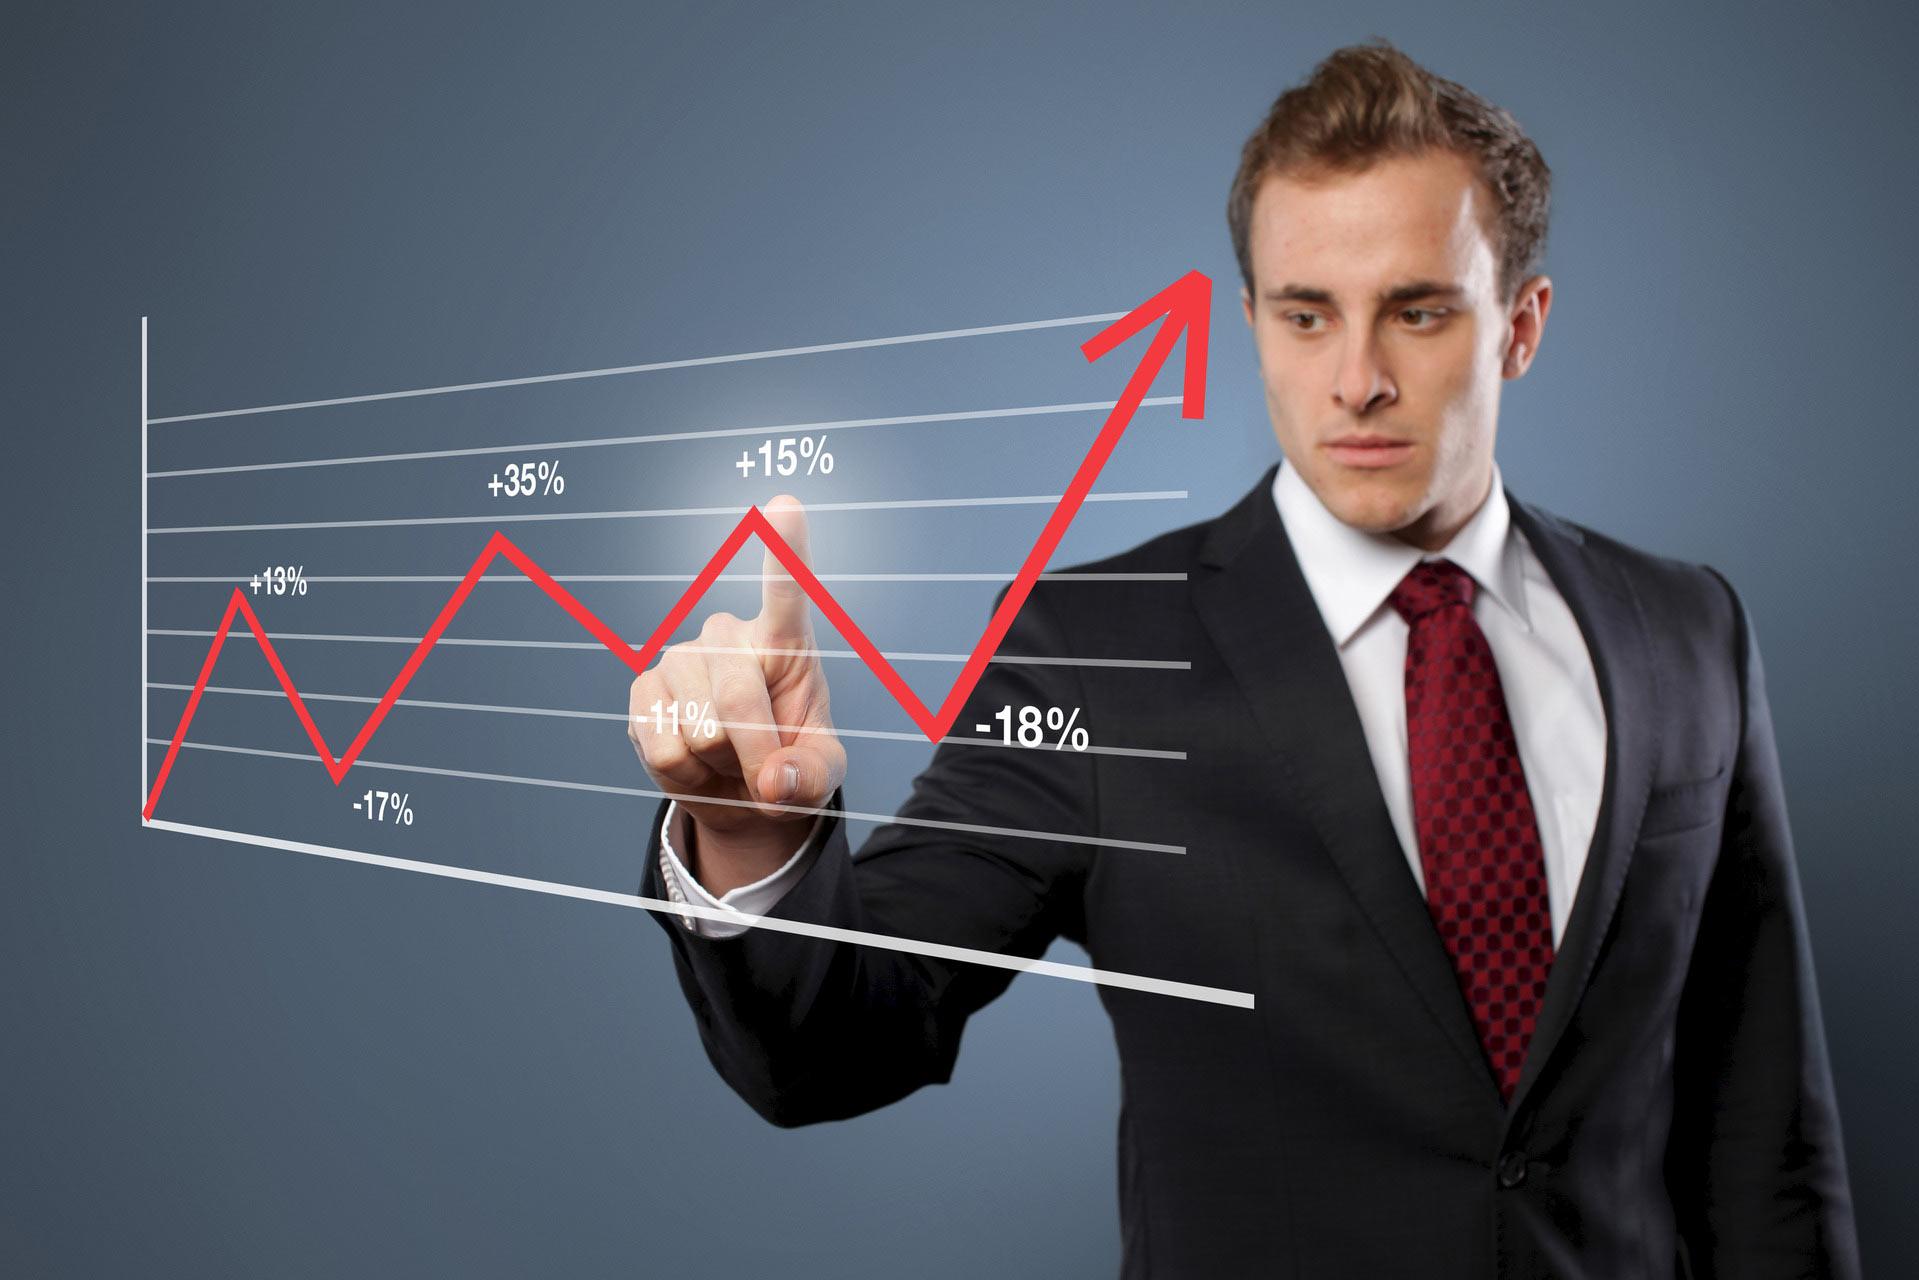 Бесплатный вебинар: Увеличим продажи в бизнесе на 60% за 45 дней!